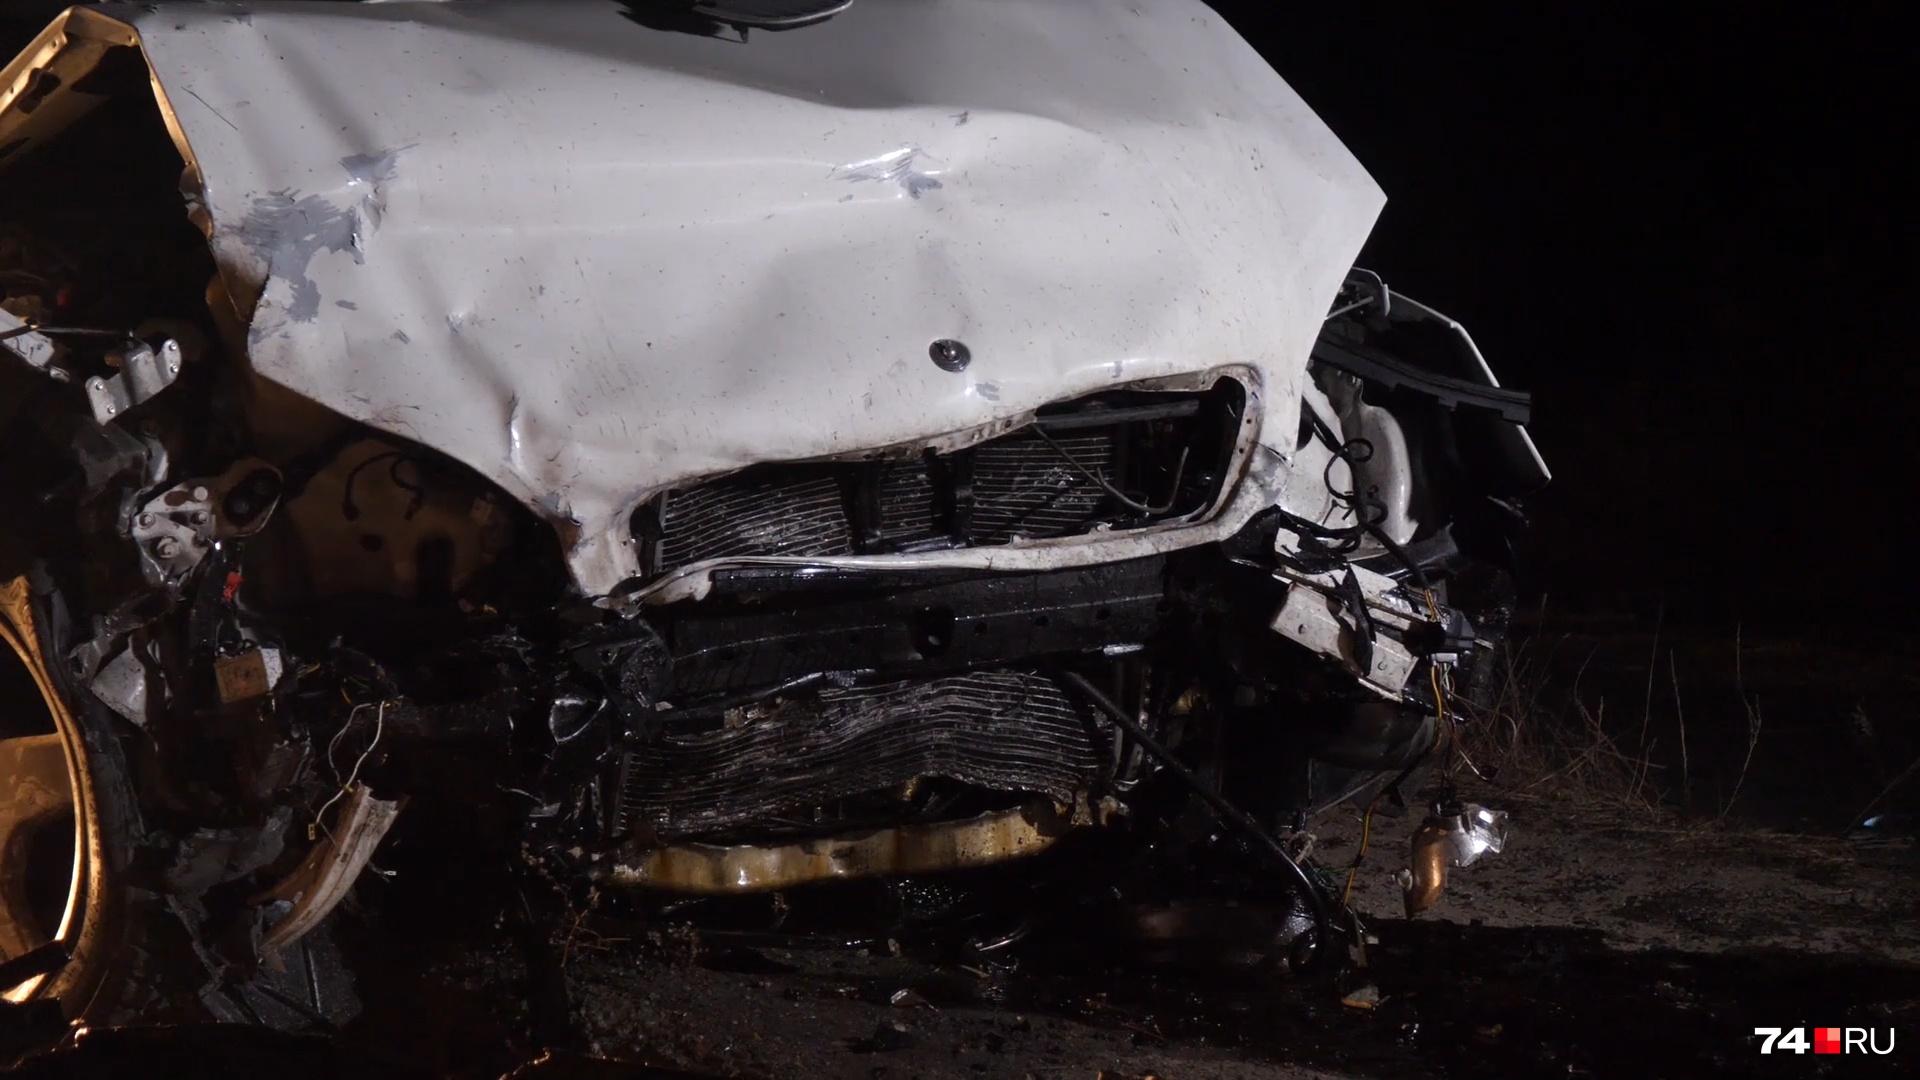 Девушка, находившаяся на пассажирском сиденье иномарки, скончалась до прибытия скорой